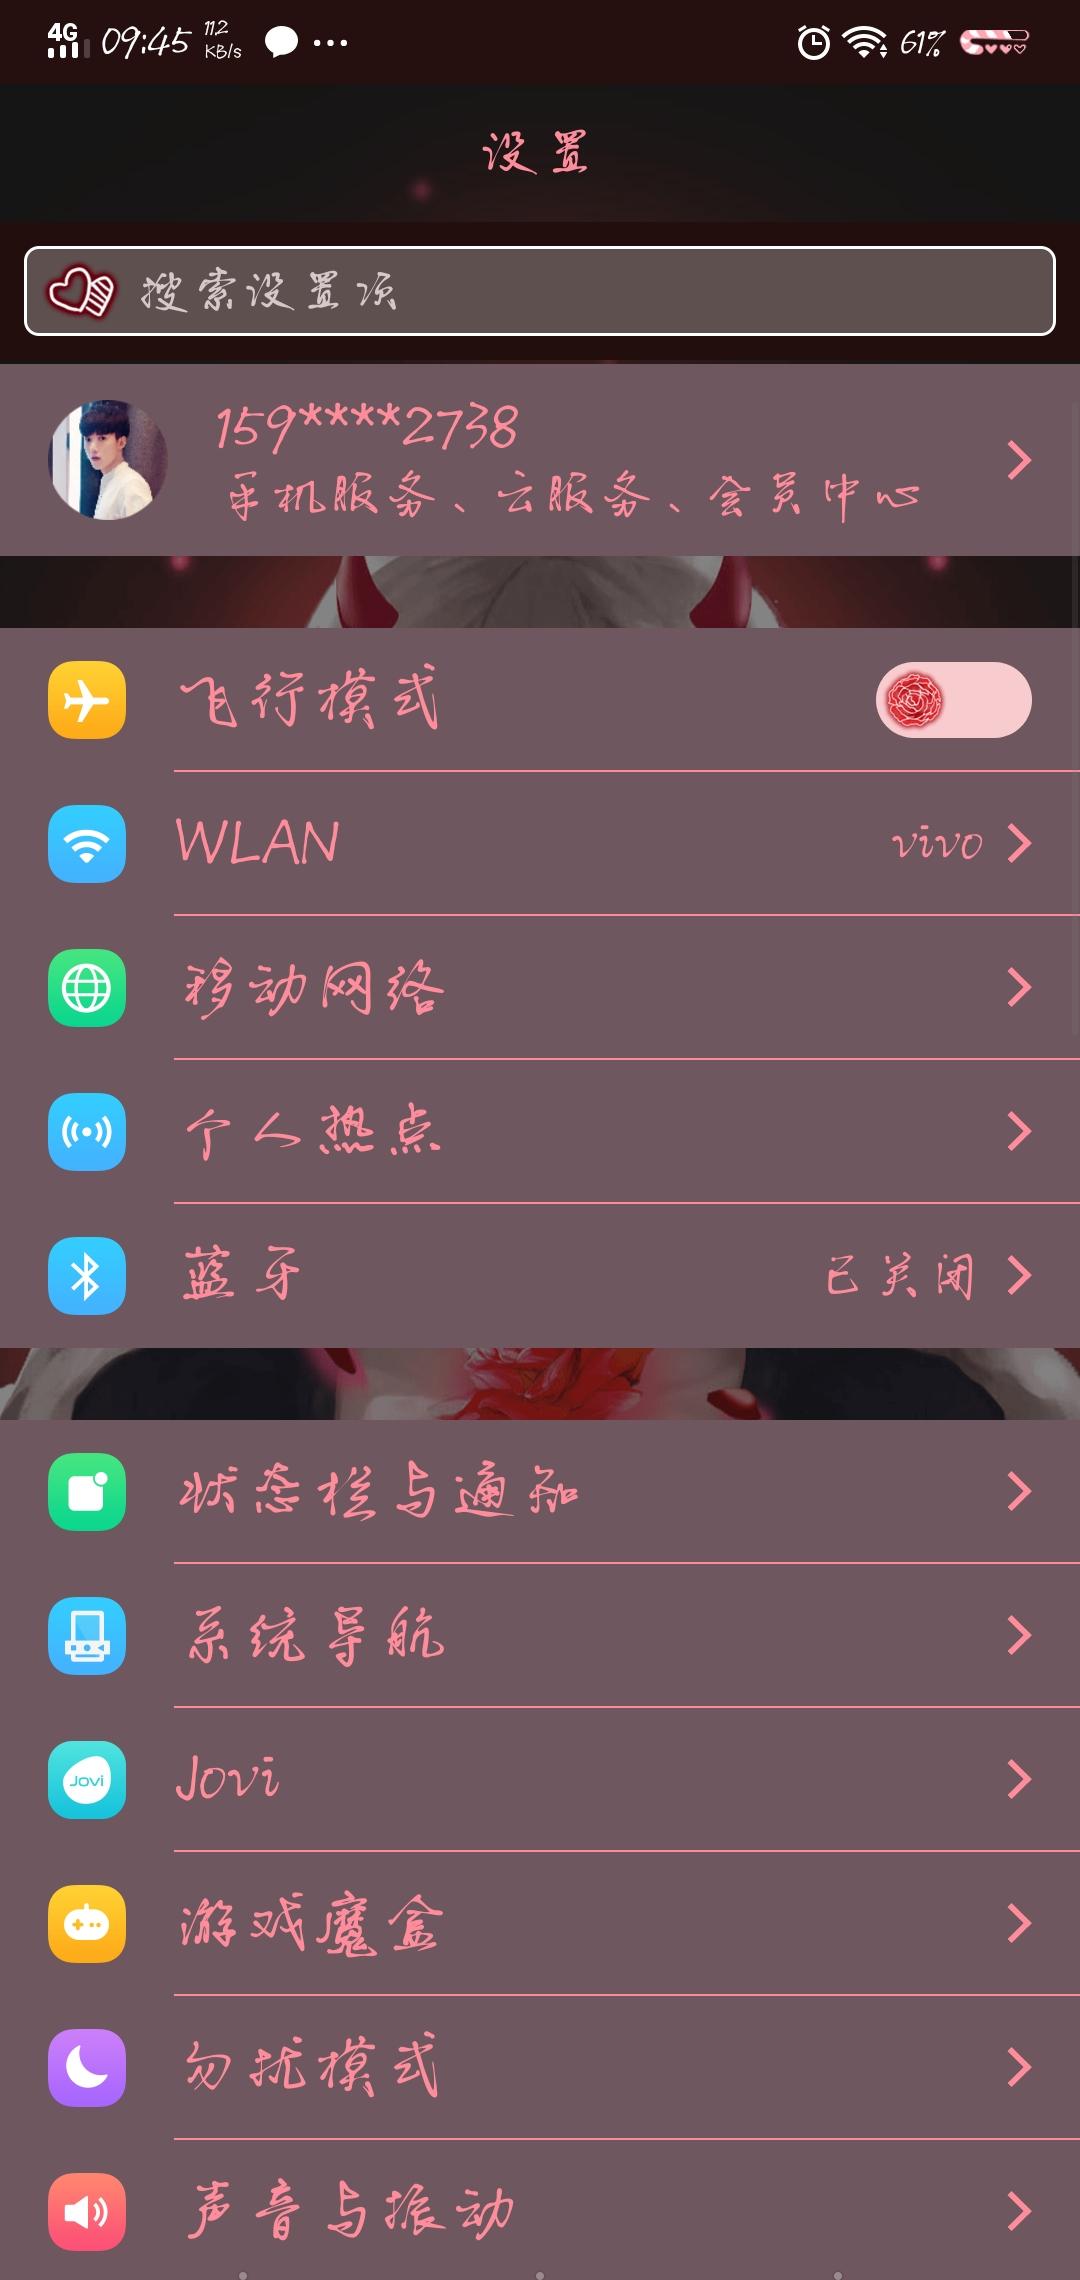 Screenshot_20190317_094559.jpg